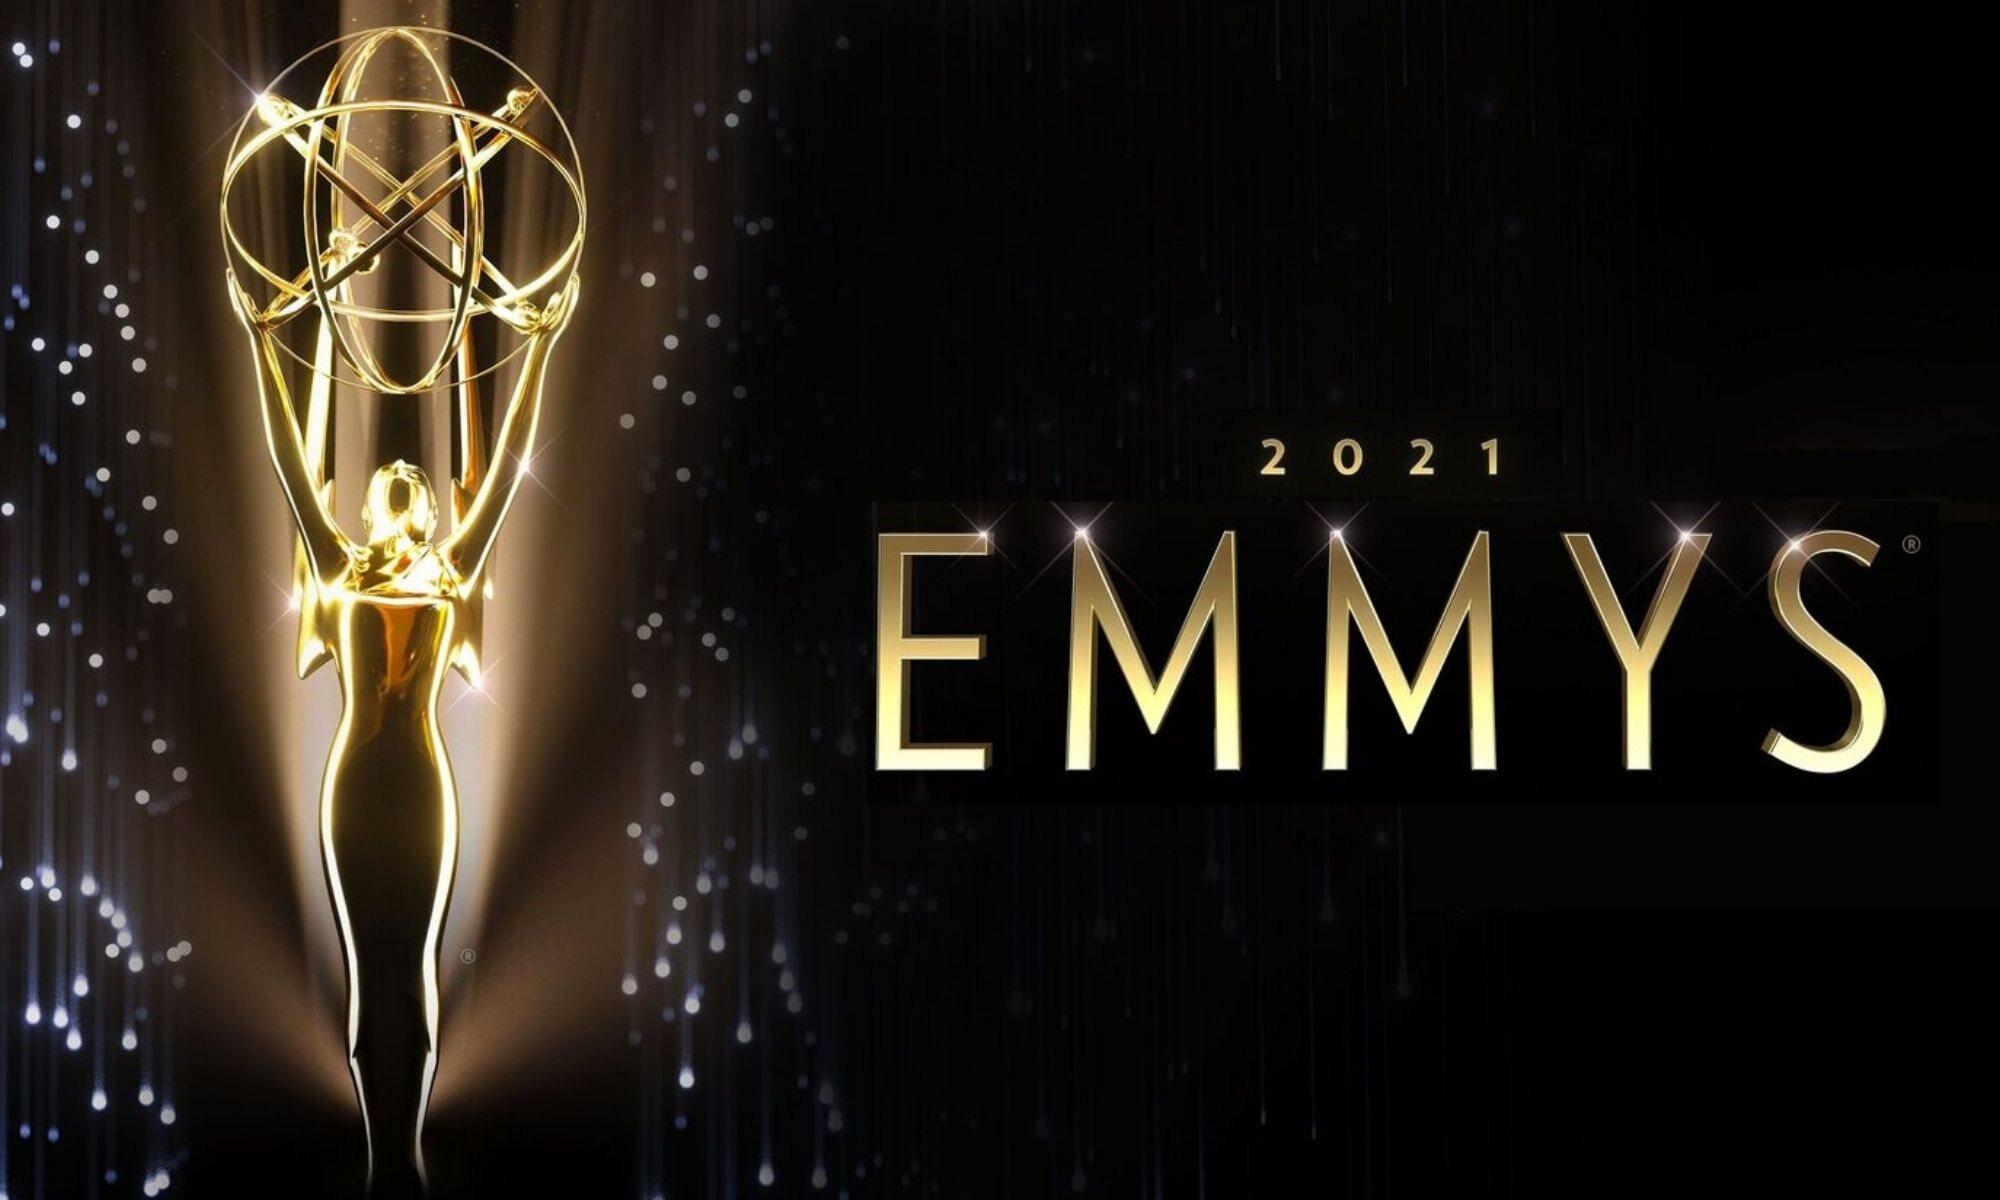 Lista completa de ganadores de los premios Emmy 2021